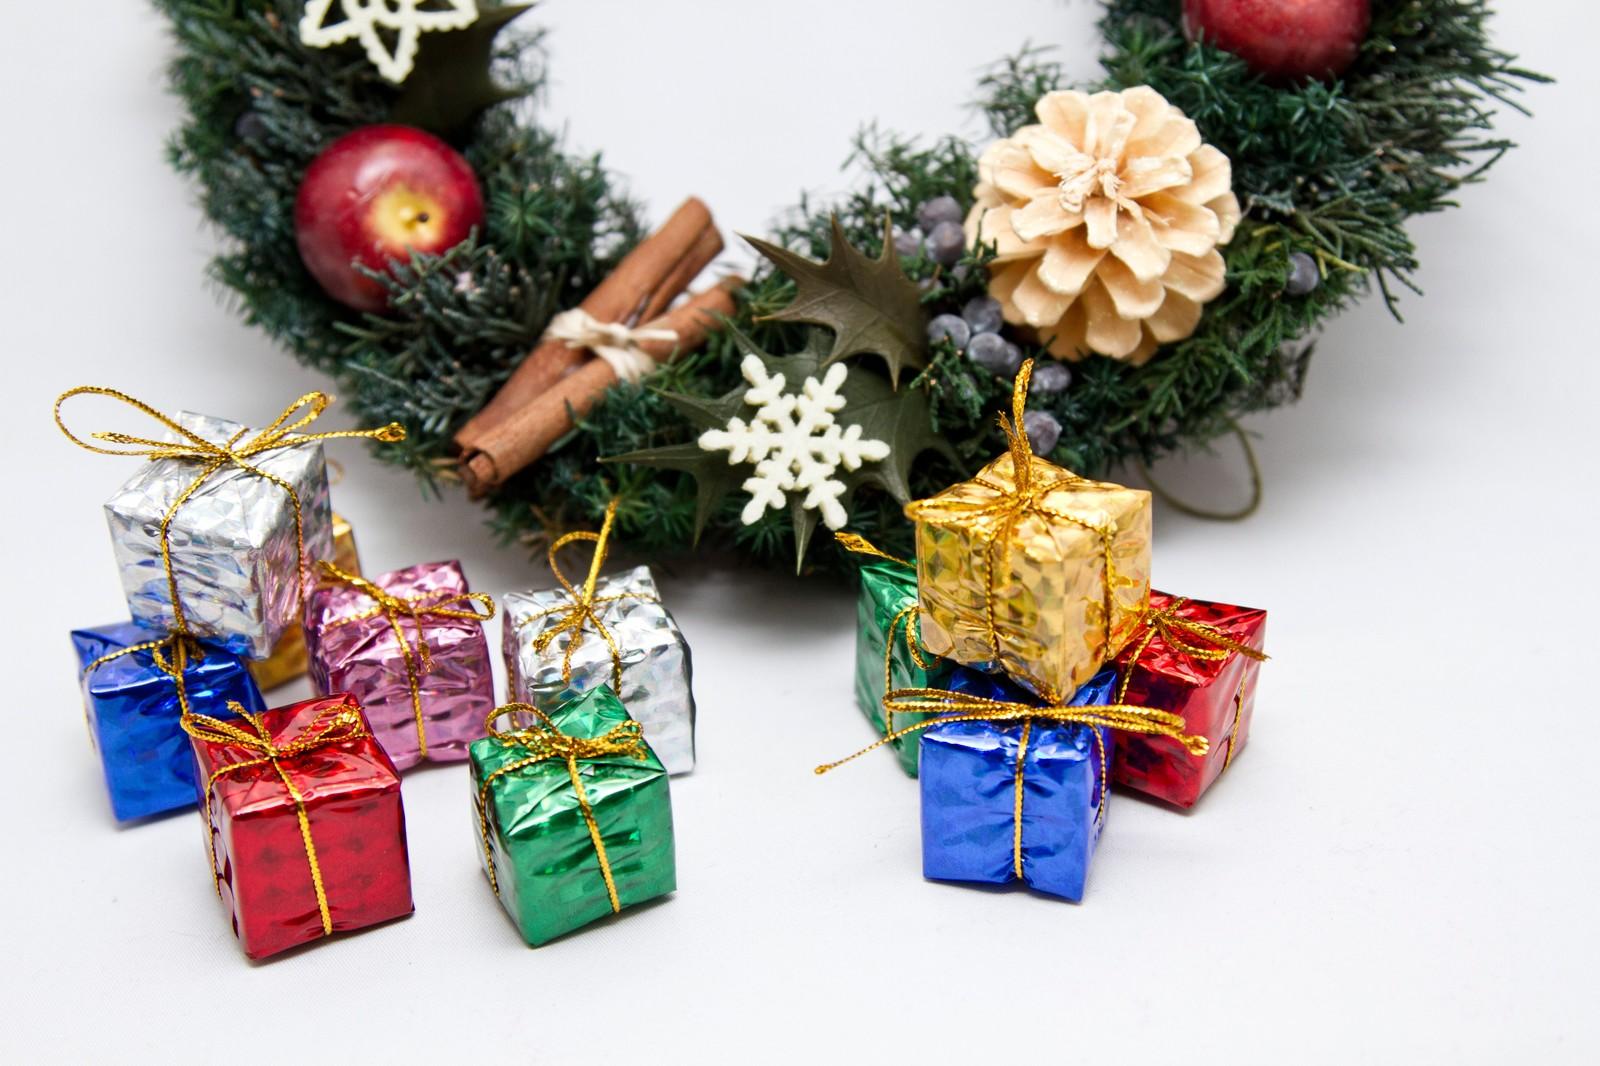 クリスマスプレゼント置き方